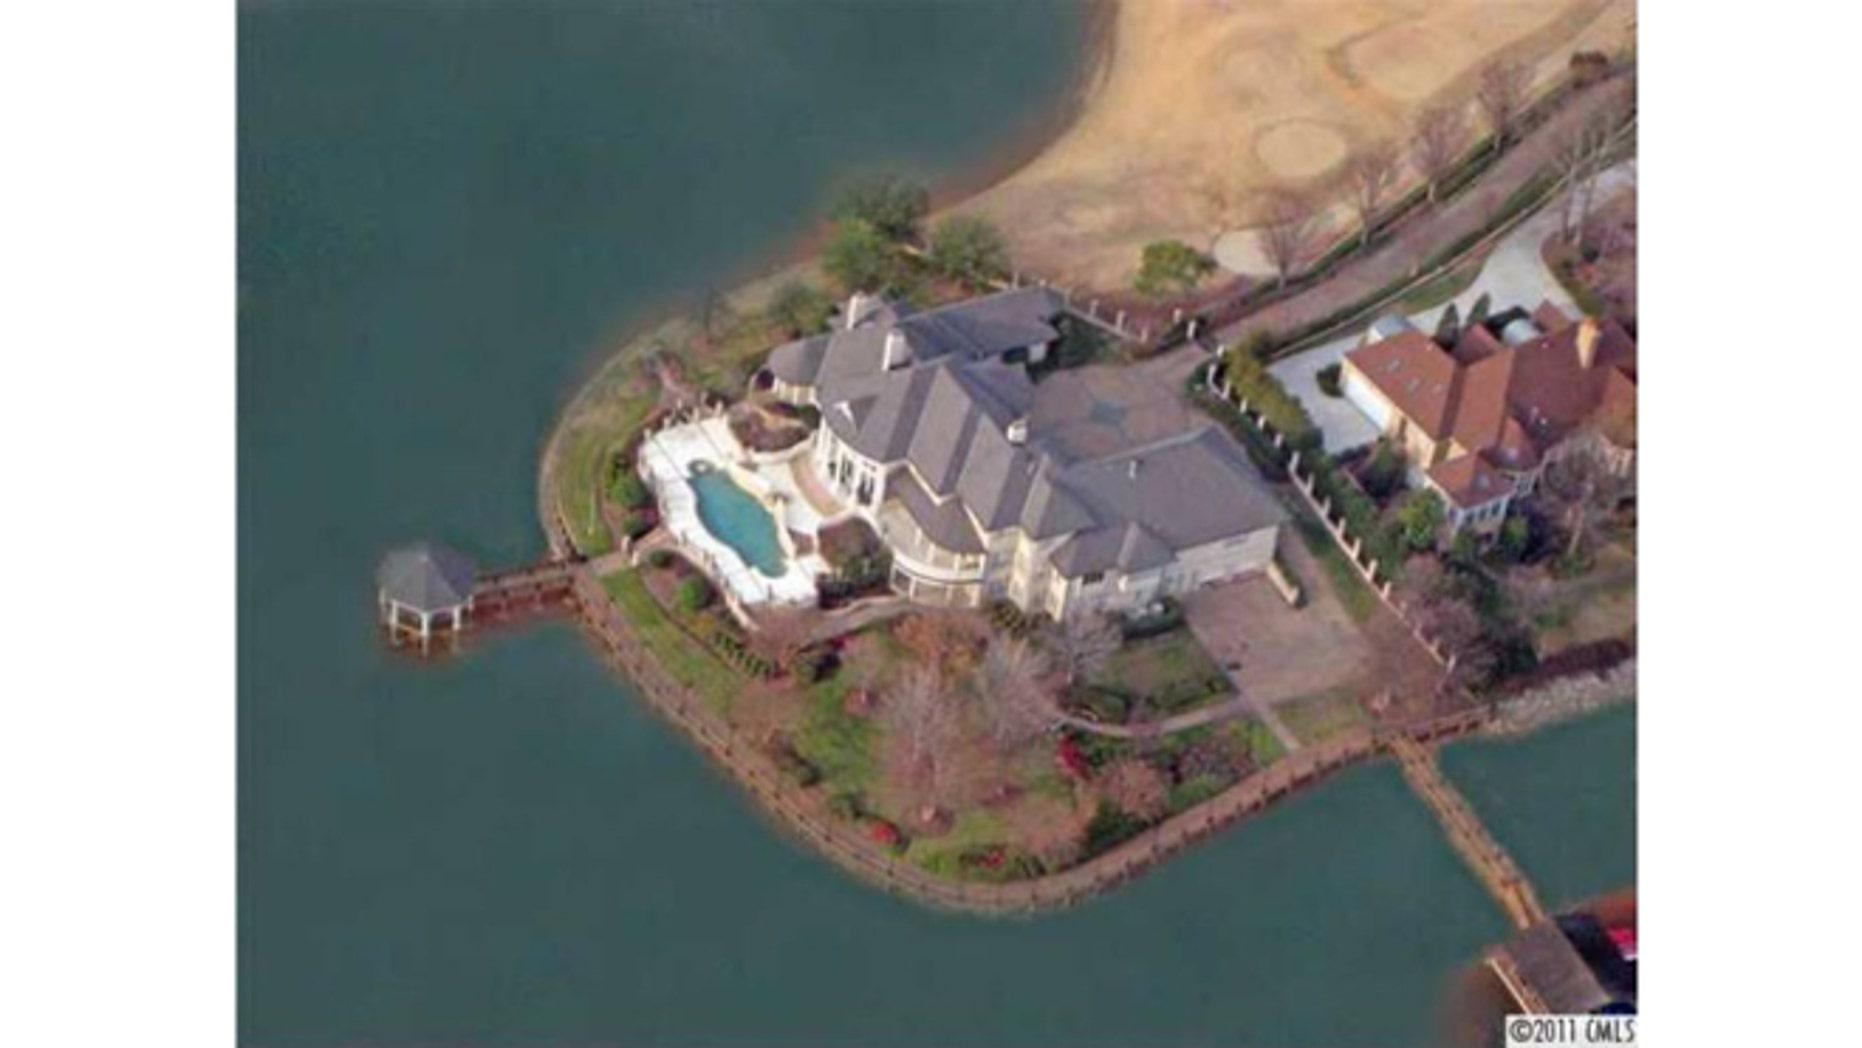 Aerial view of Michael Jordan's home.